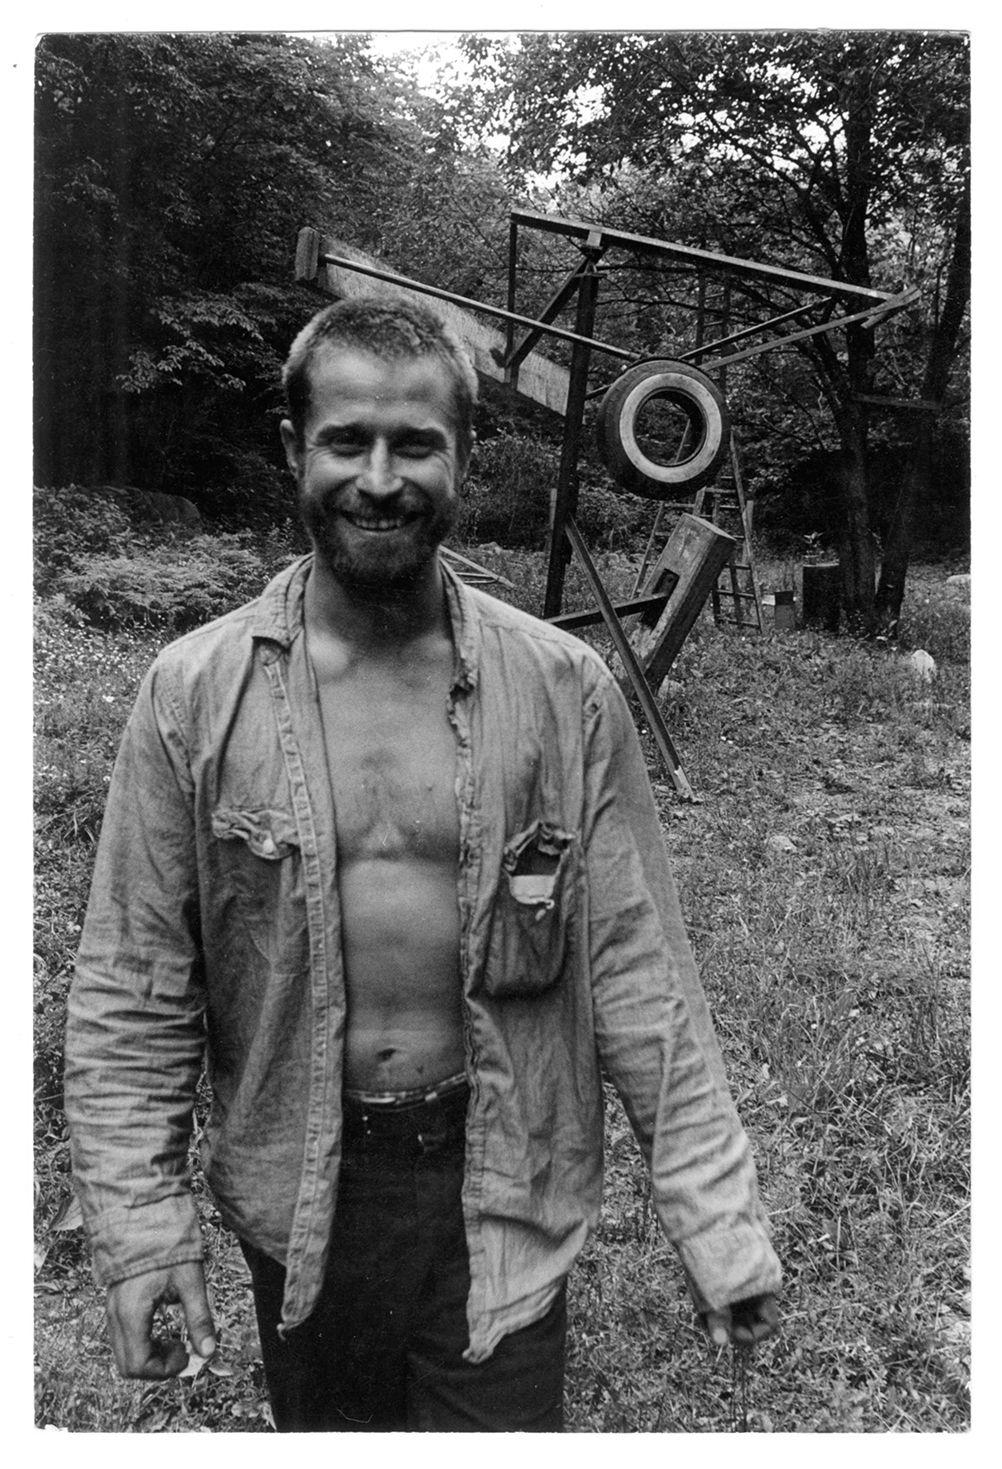 Copyright Danny Lyon / Magnum Photos, Mark Di Suvero at Stony Point NY, 1965